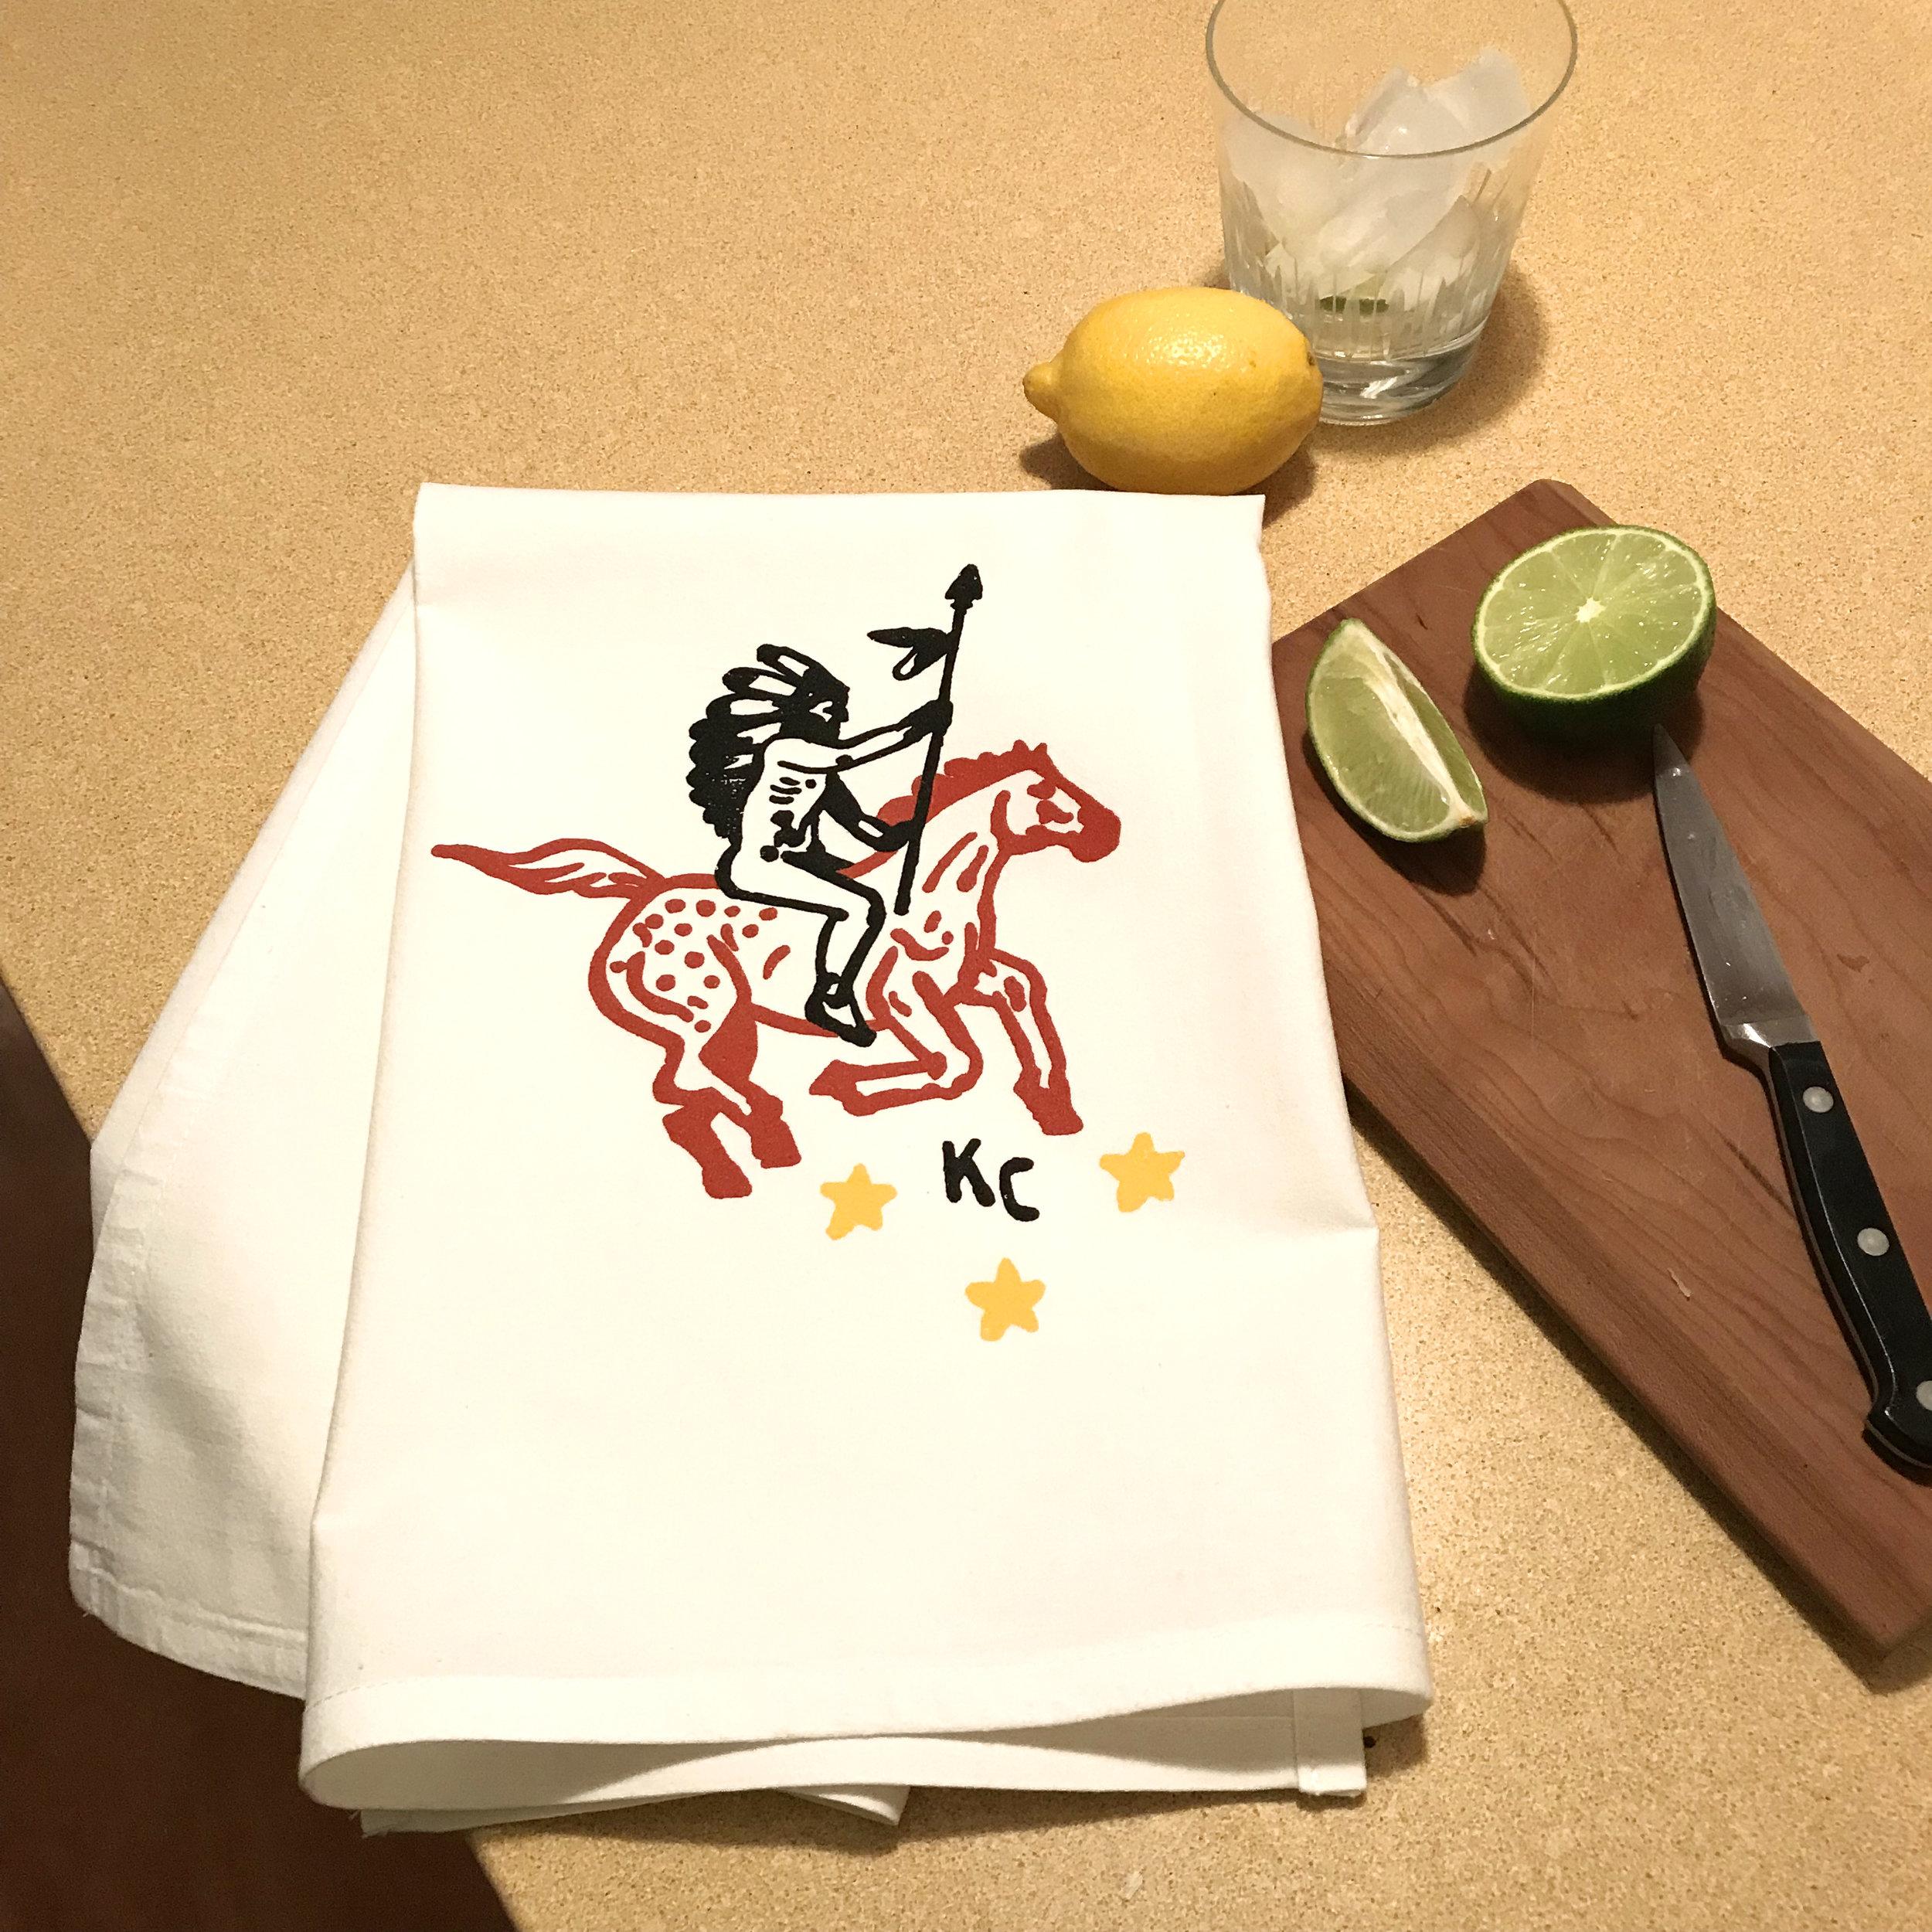 KC Battle Cry Towel